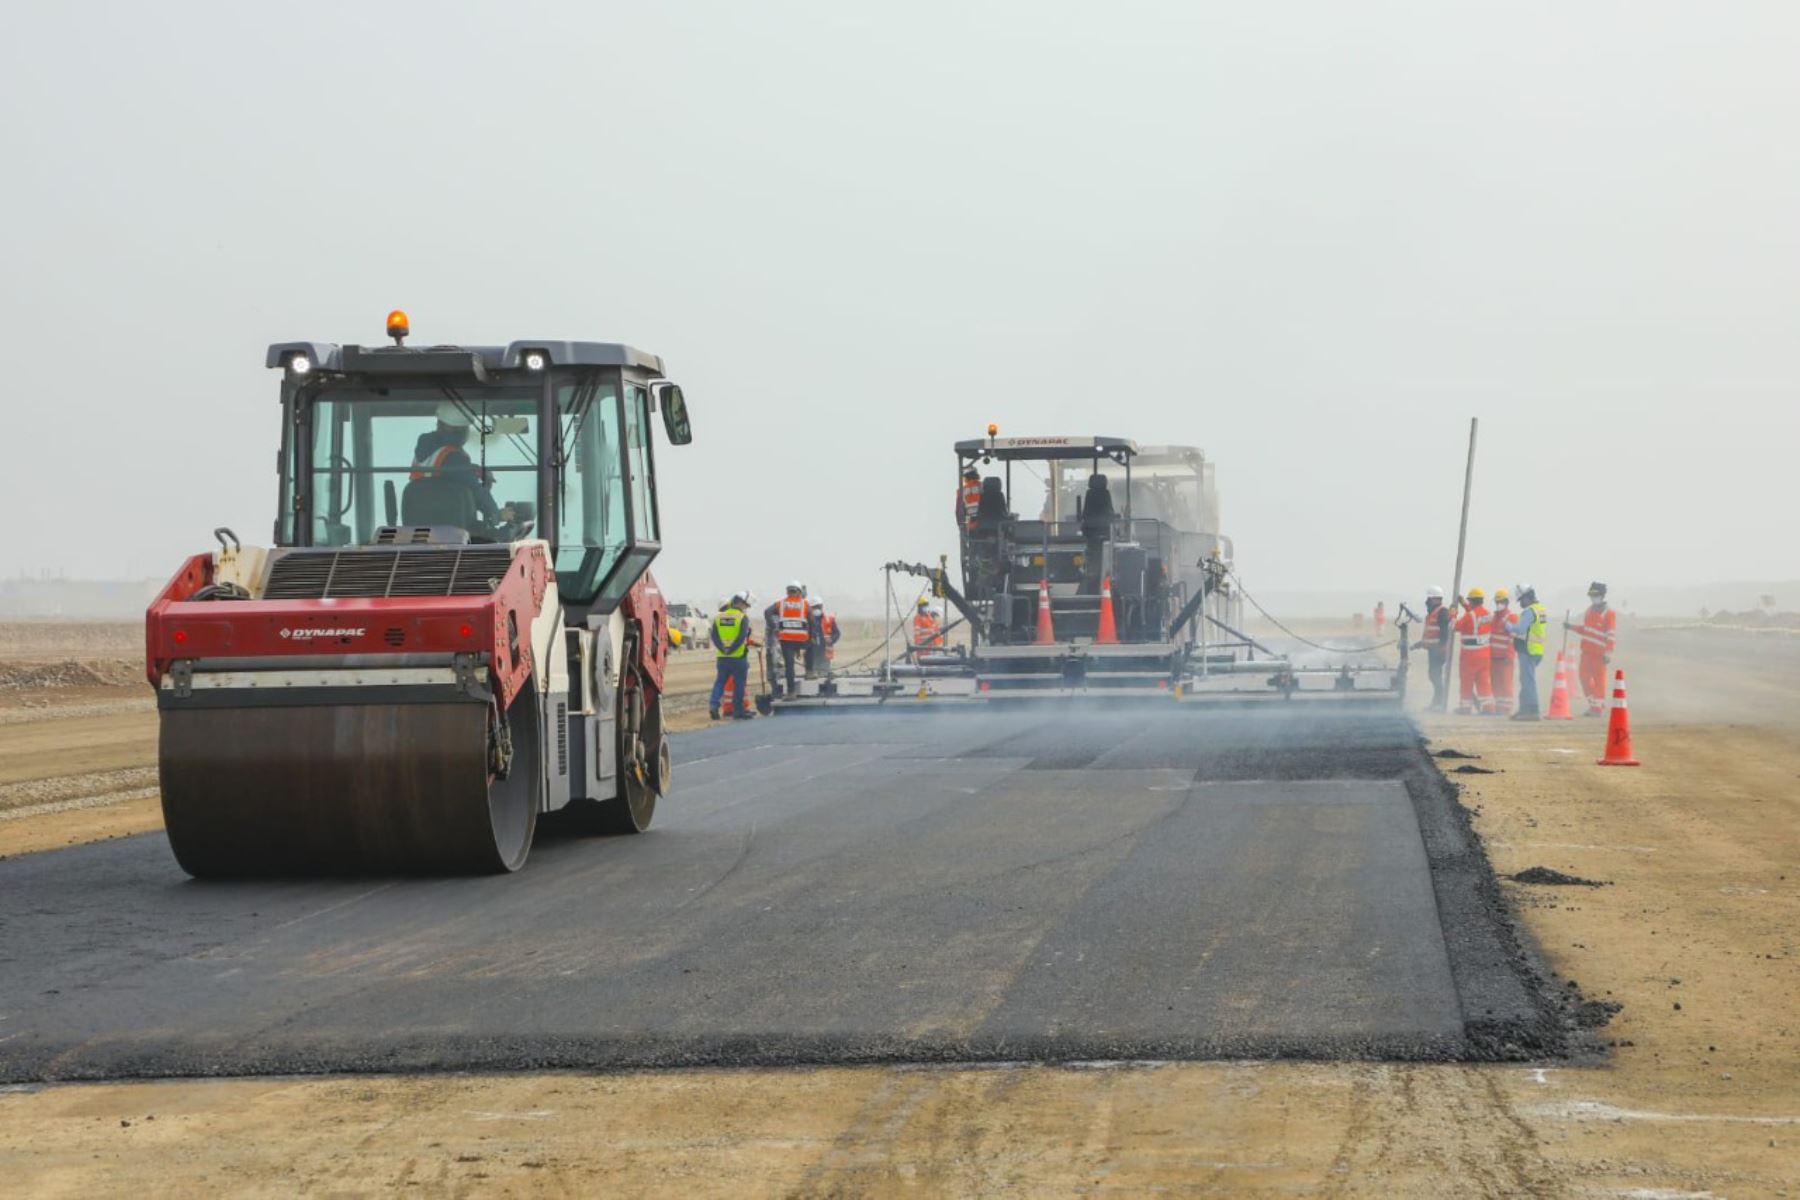 Presidente respalda inversión privada en última etapa de obras en aeropuerto Jorge Chávez